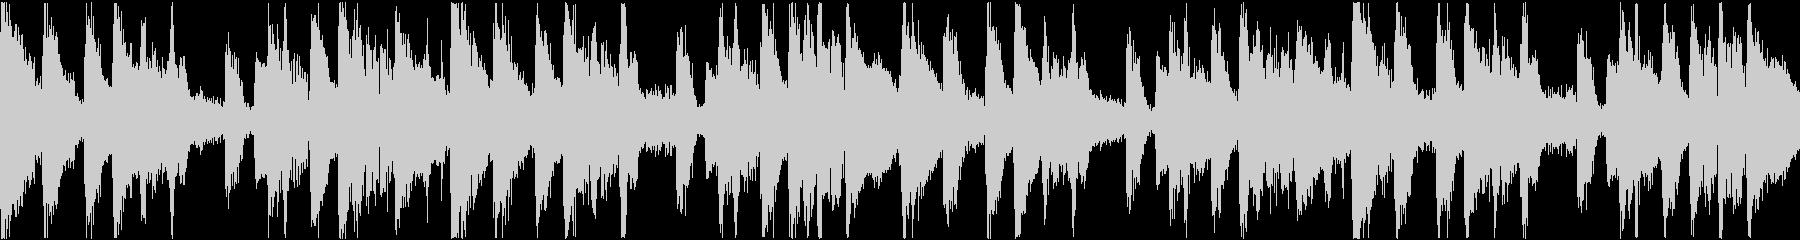 TikTok トランジション音源 ループの未再生の波形